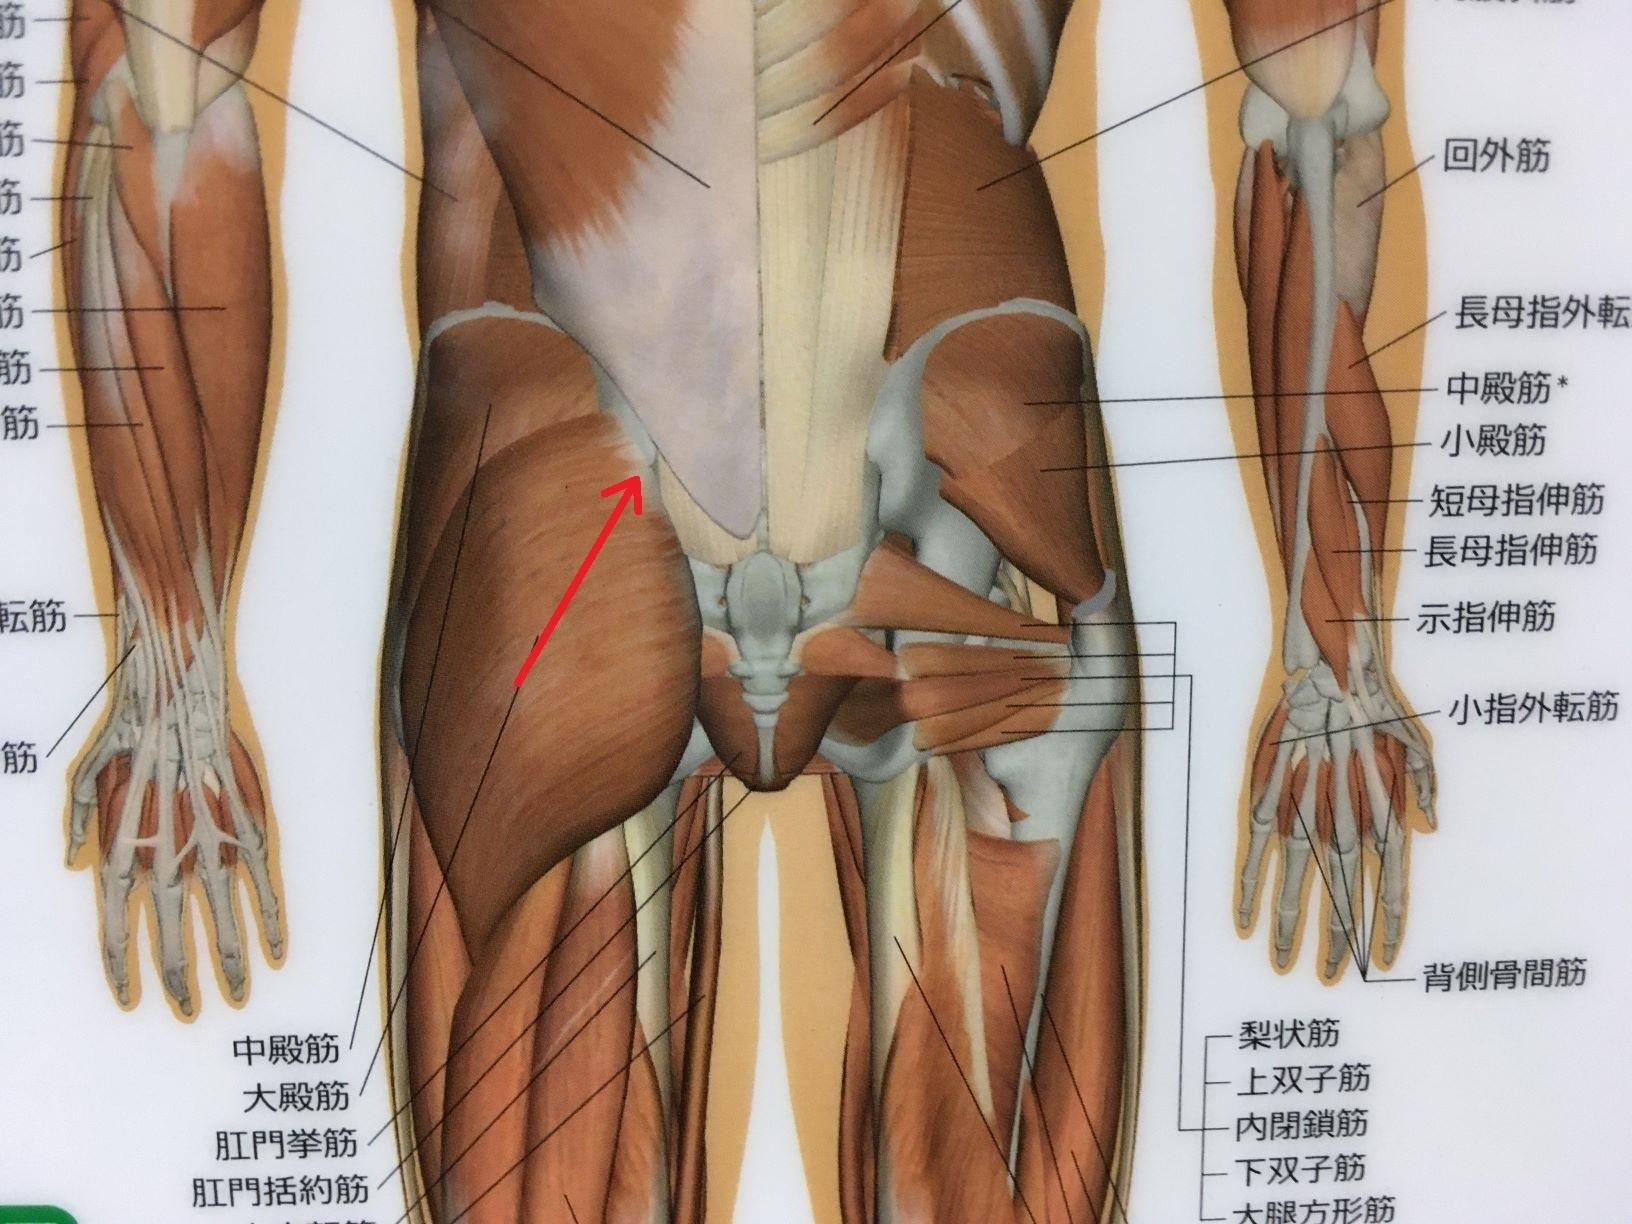 尻 の 痛 お 筋肉